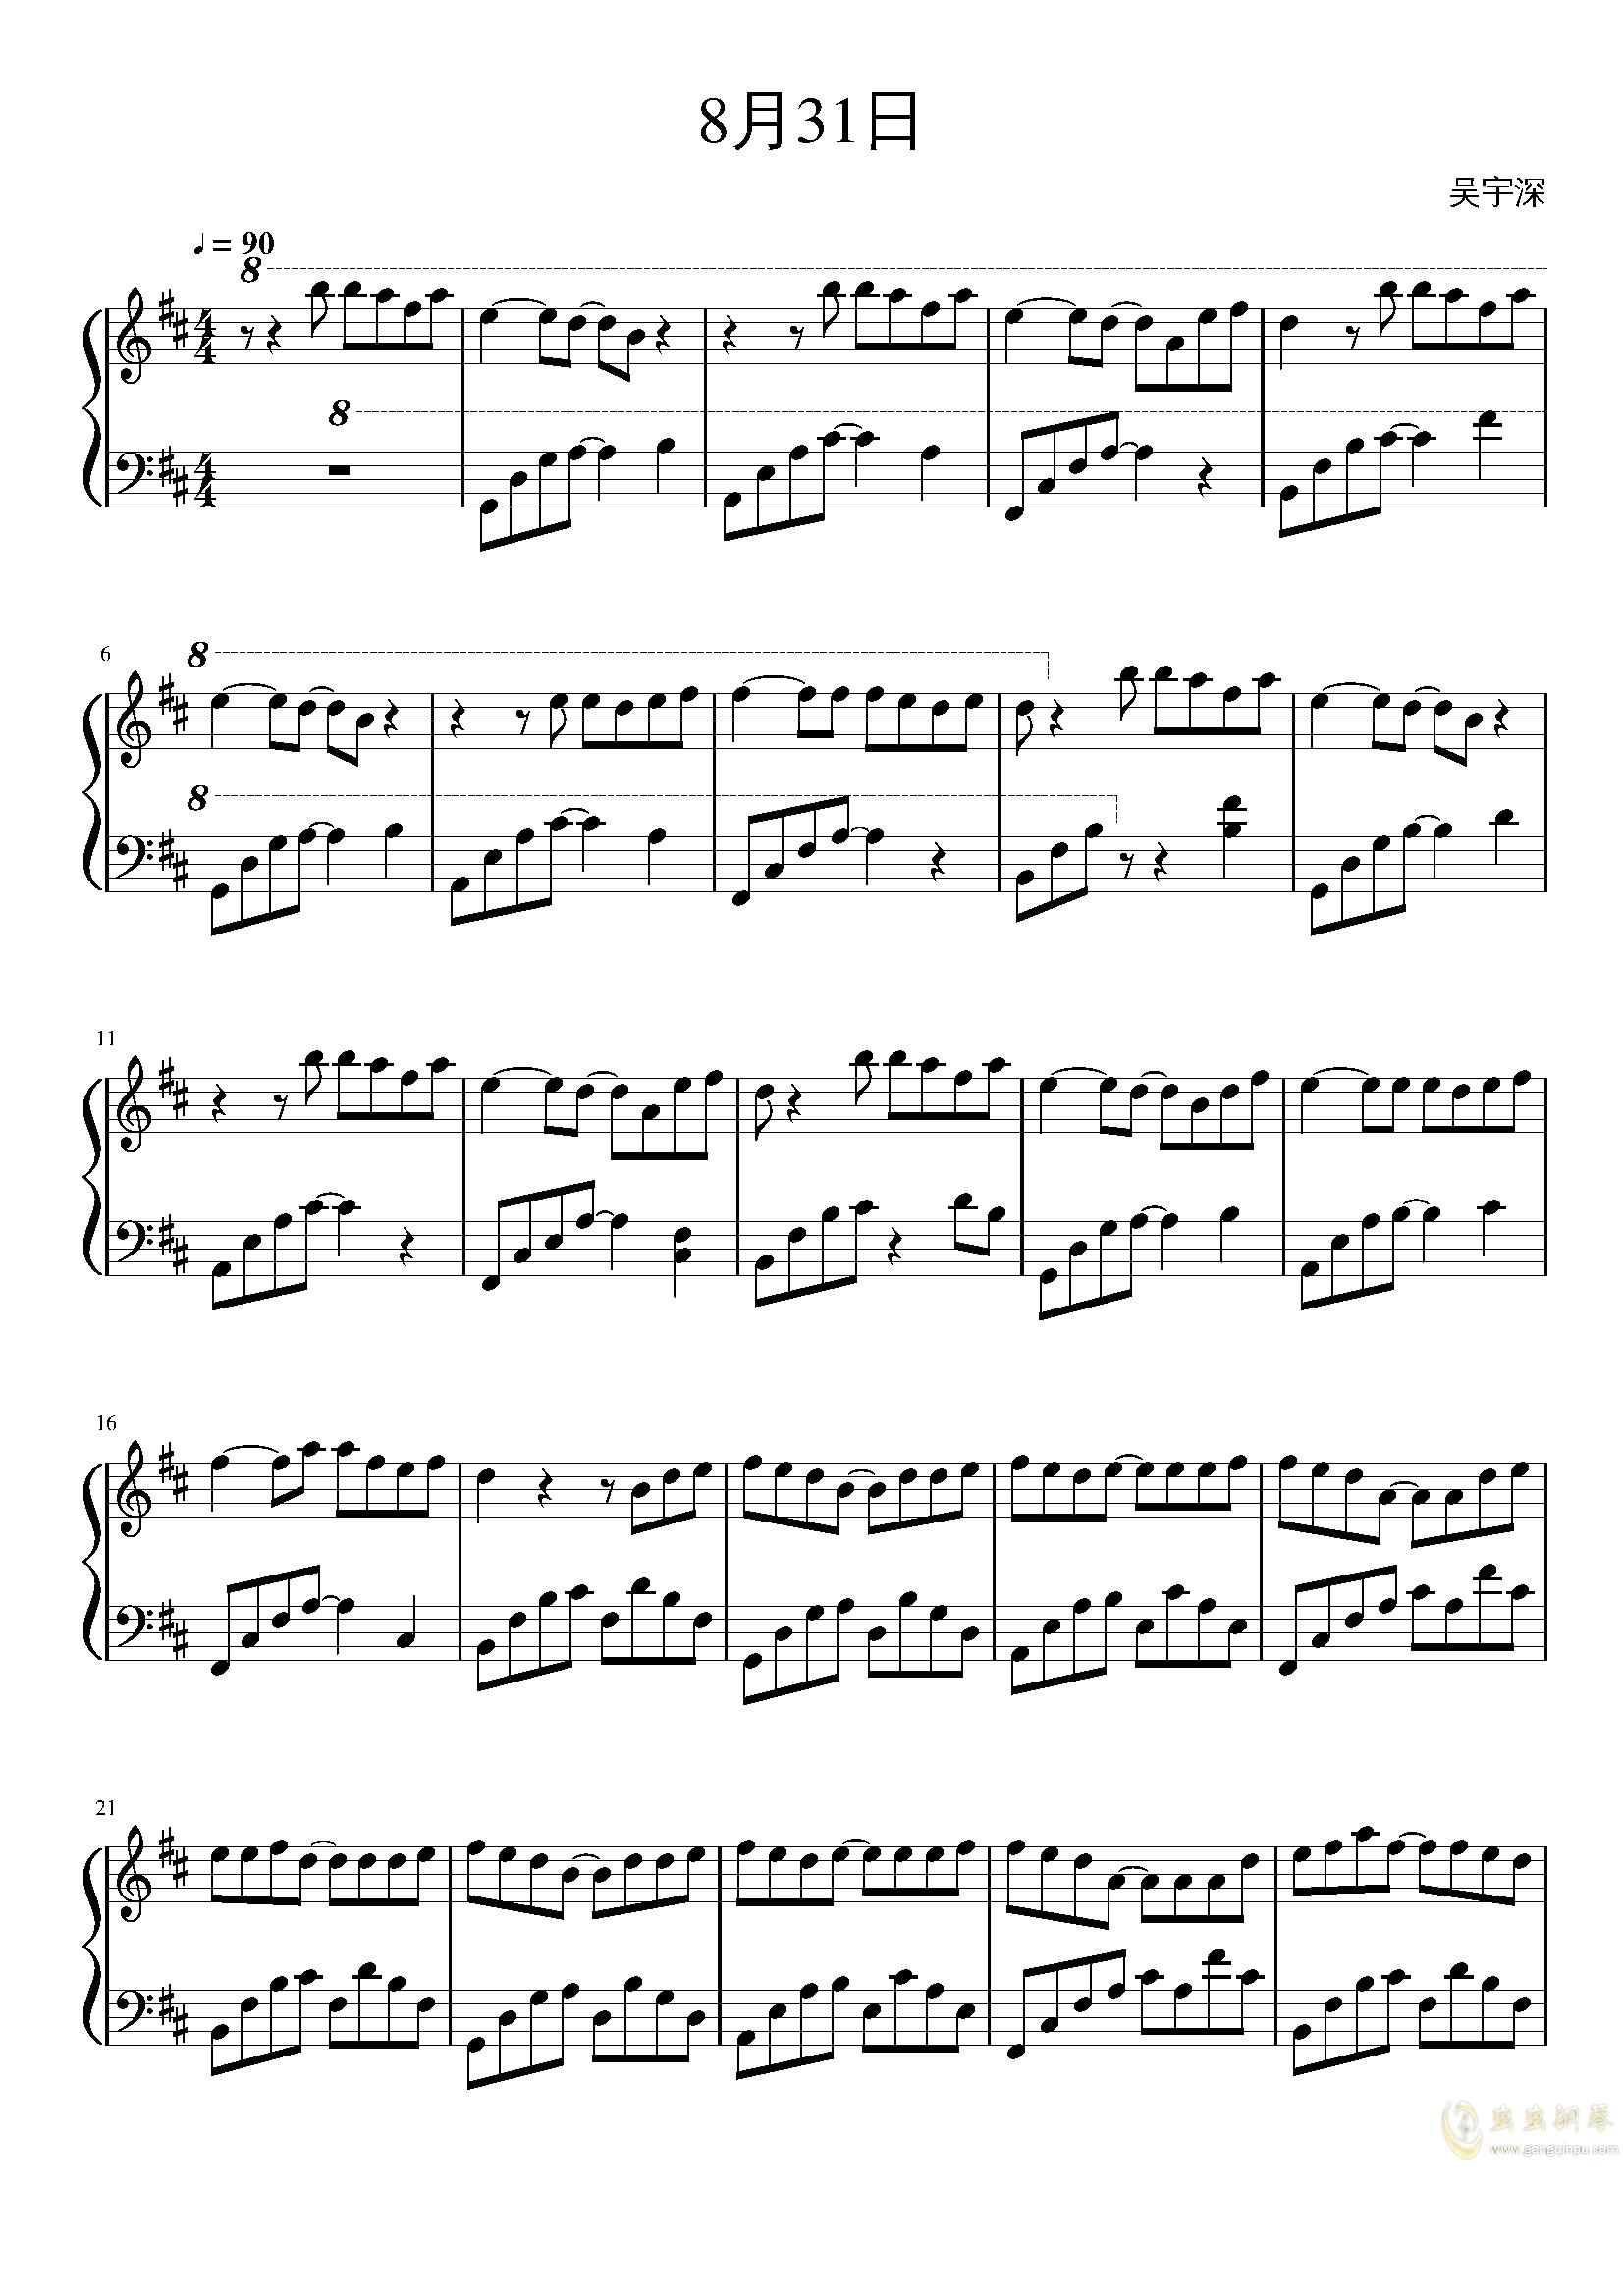 8月31日钢琴谱 第1页